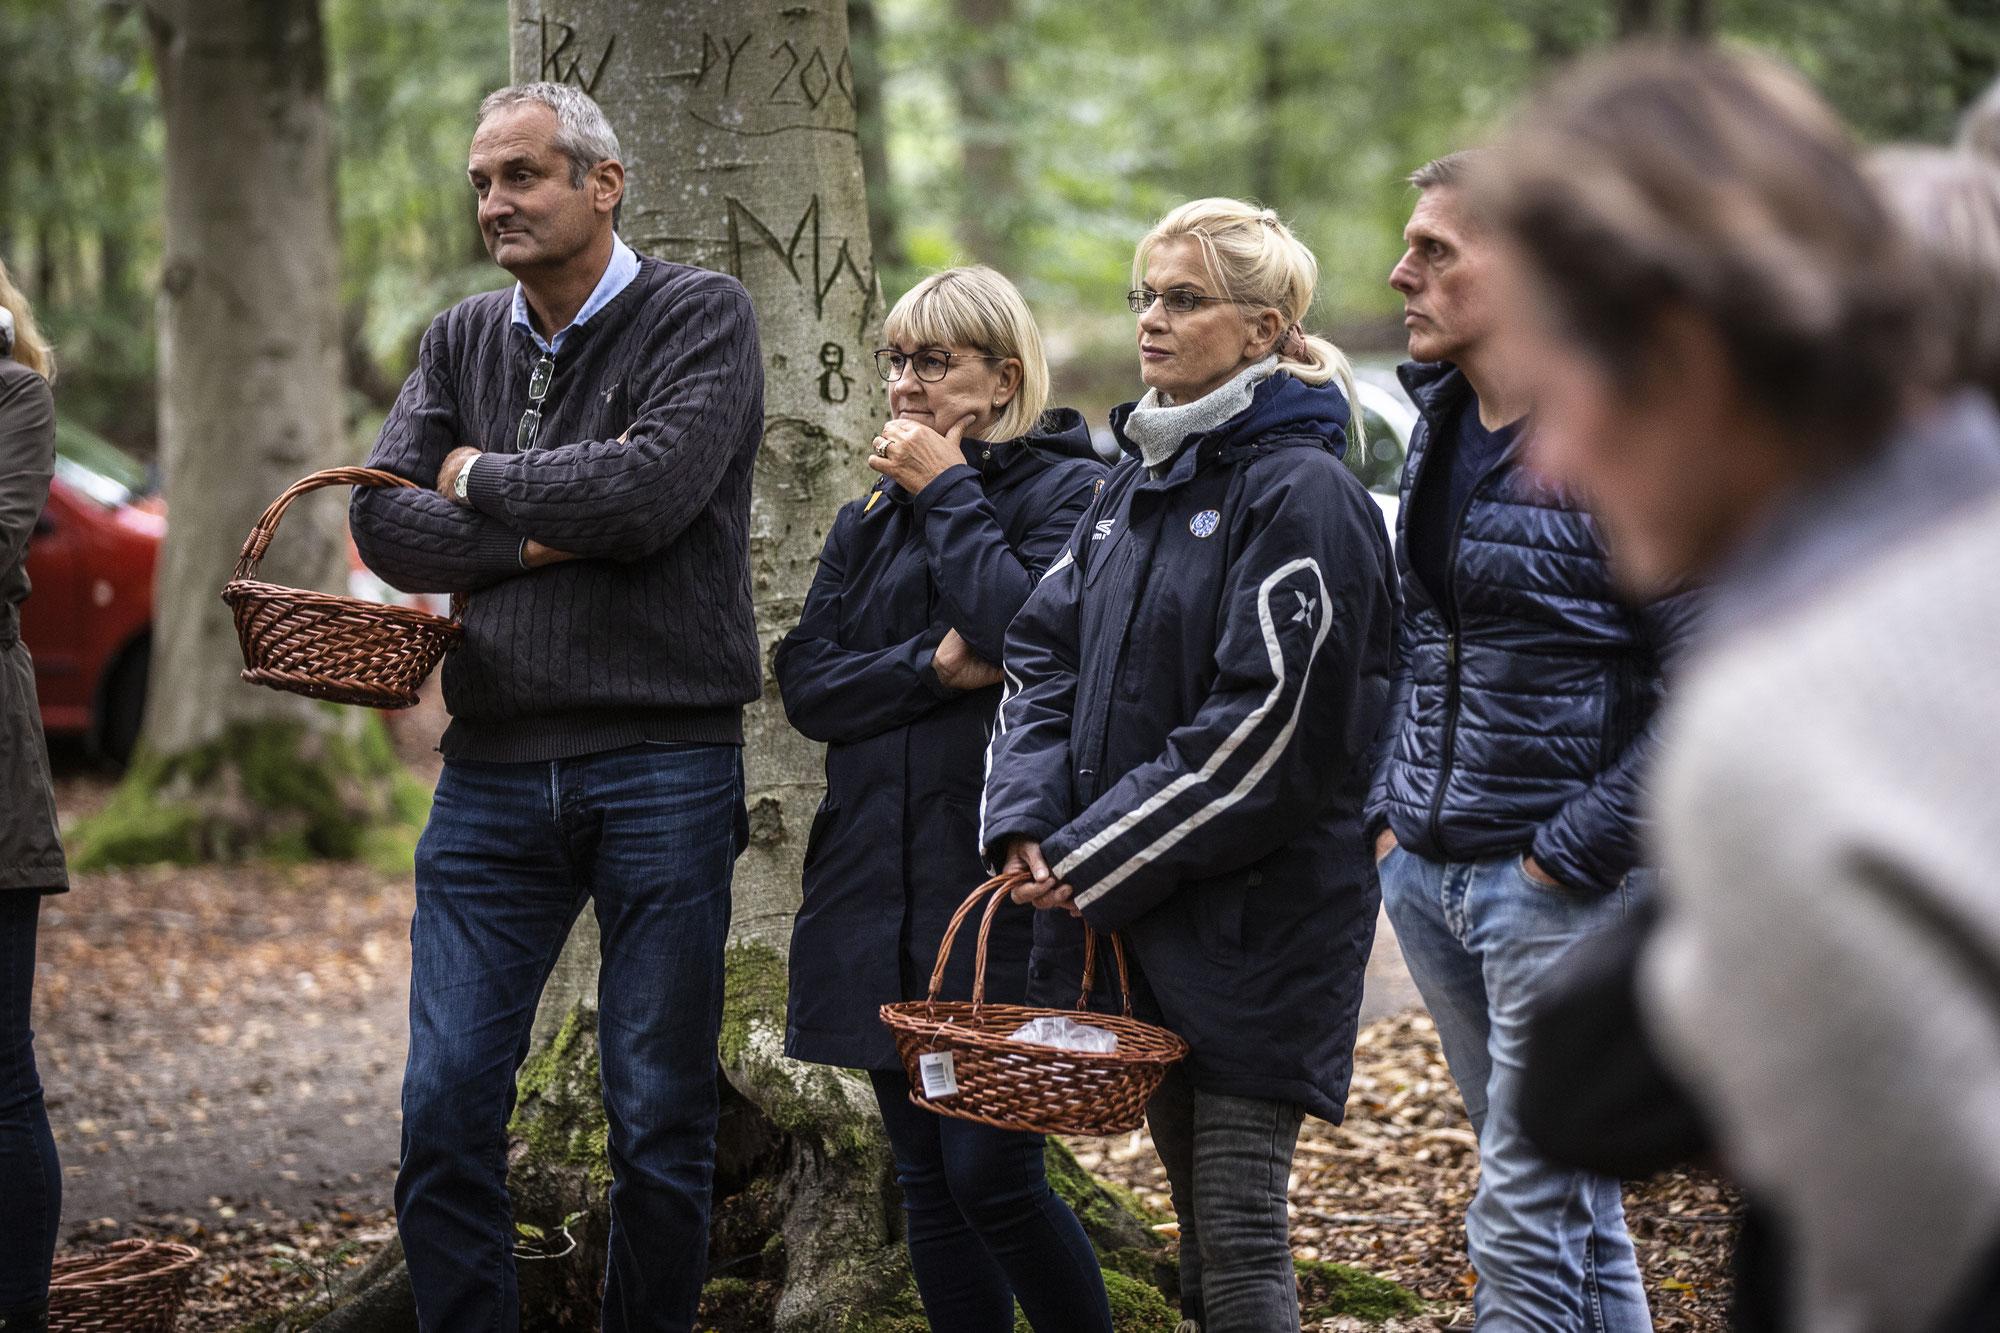 Herbstliche Gaumenfreuden in Dänemark: Pilzwoche an der dänischen Nordsee